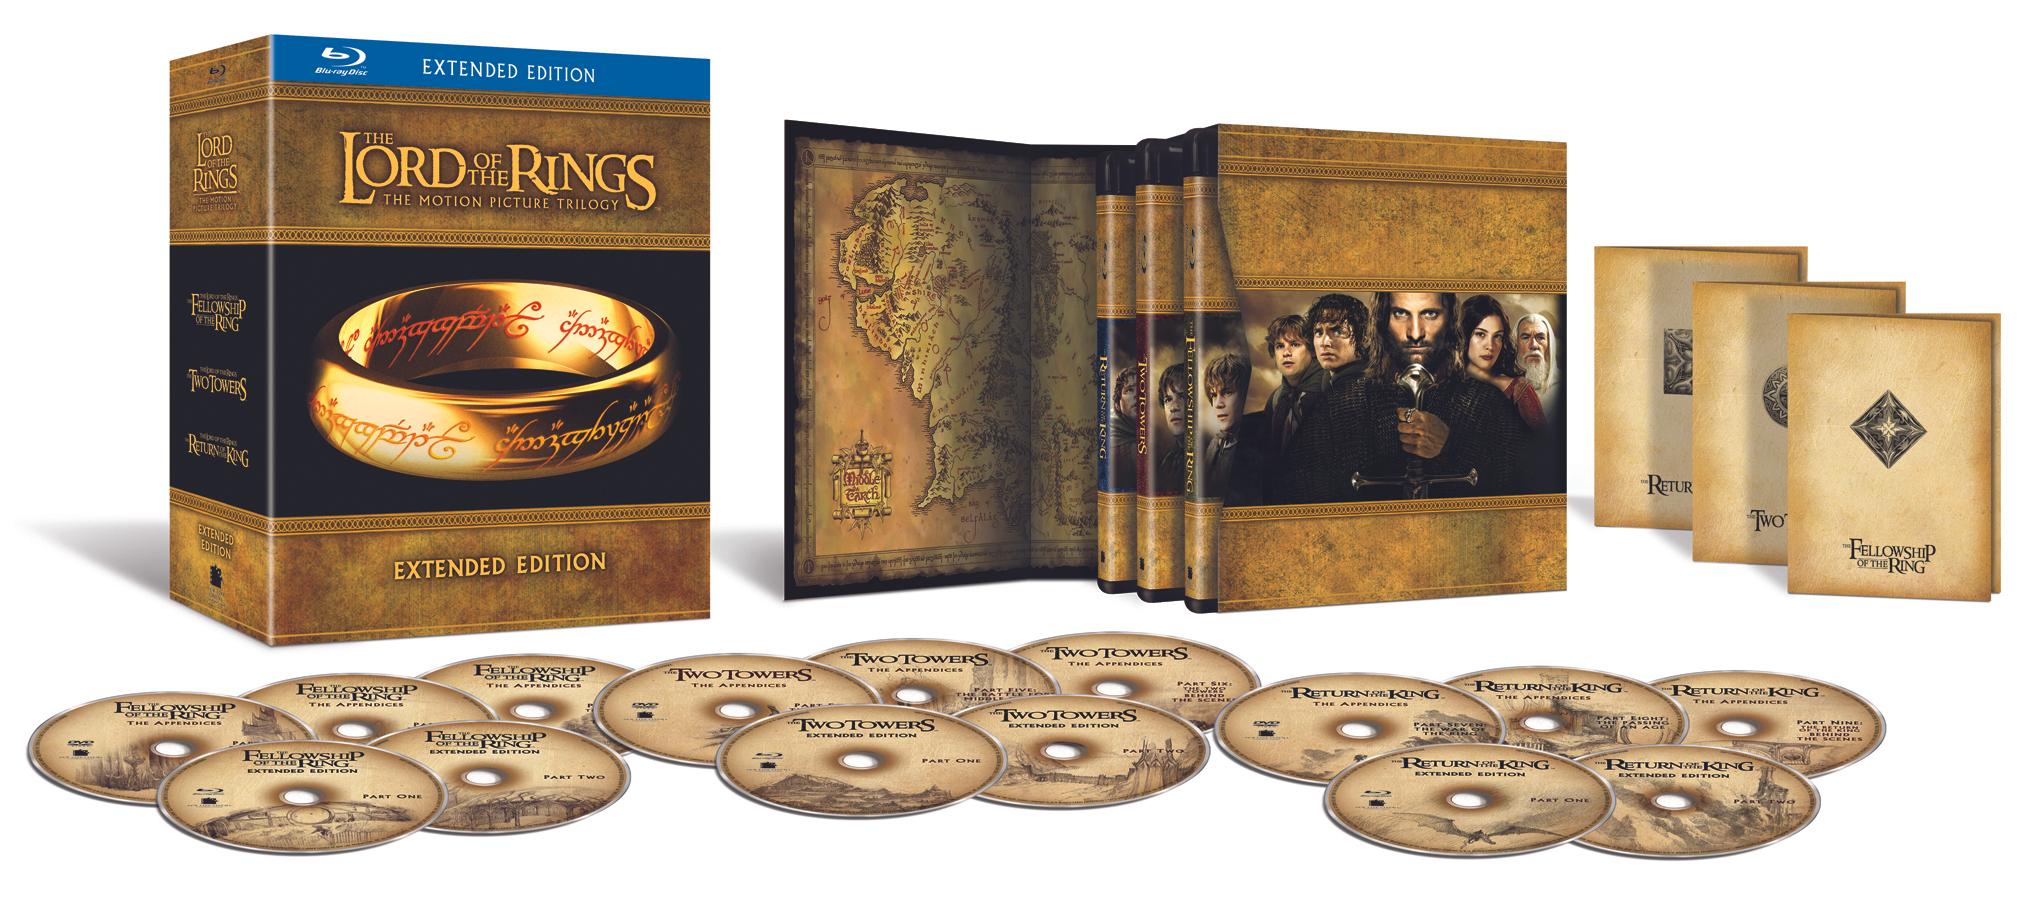 Amazon USA: Trilogía El Señor de los Anillos Edición Extendida en Blu-Ray